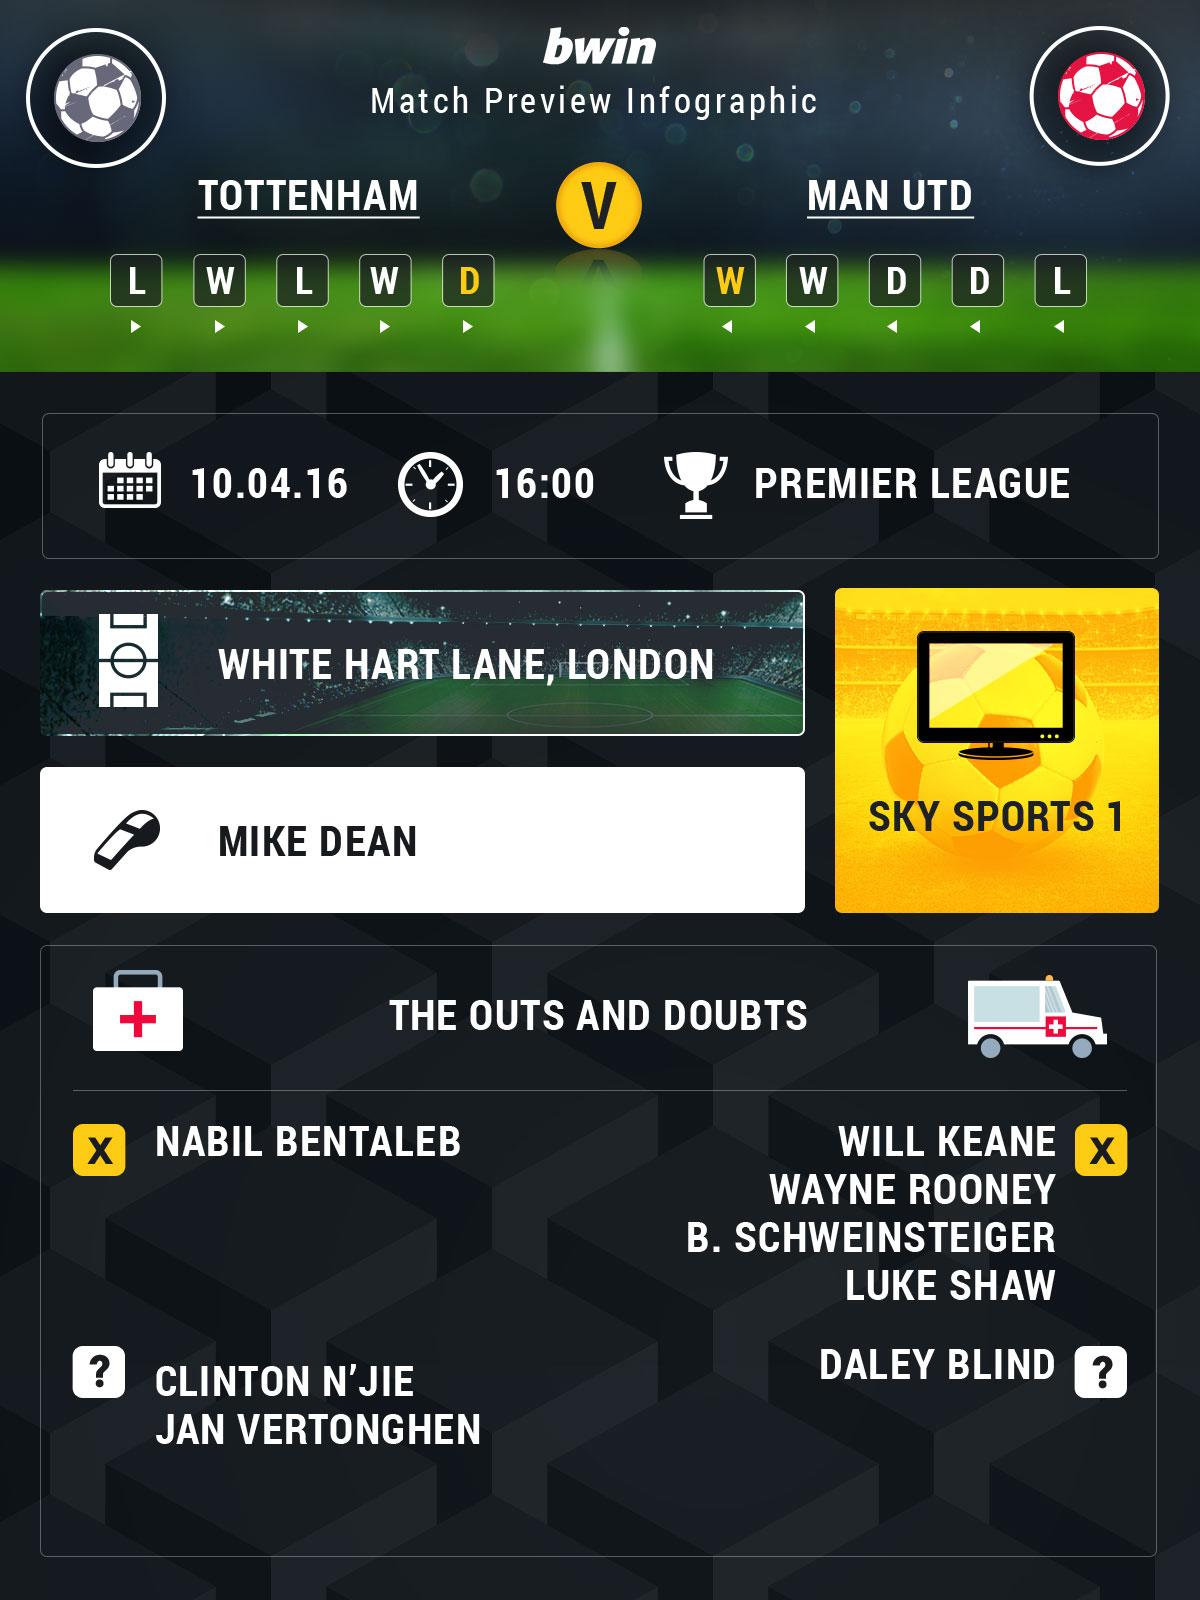 Tottenham v Man Utd odds